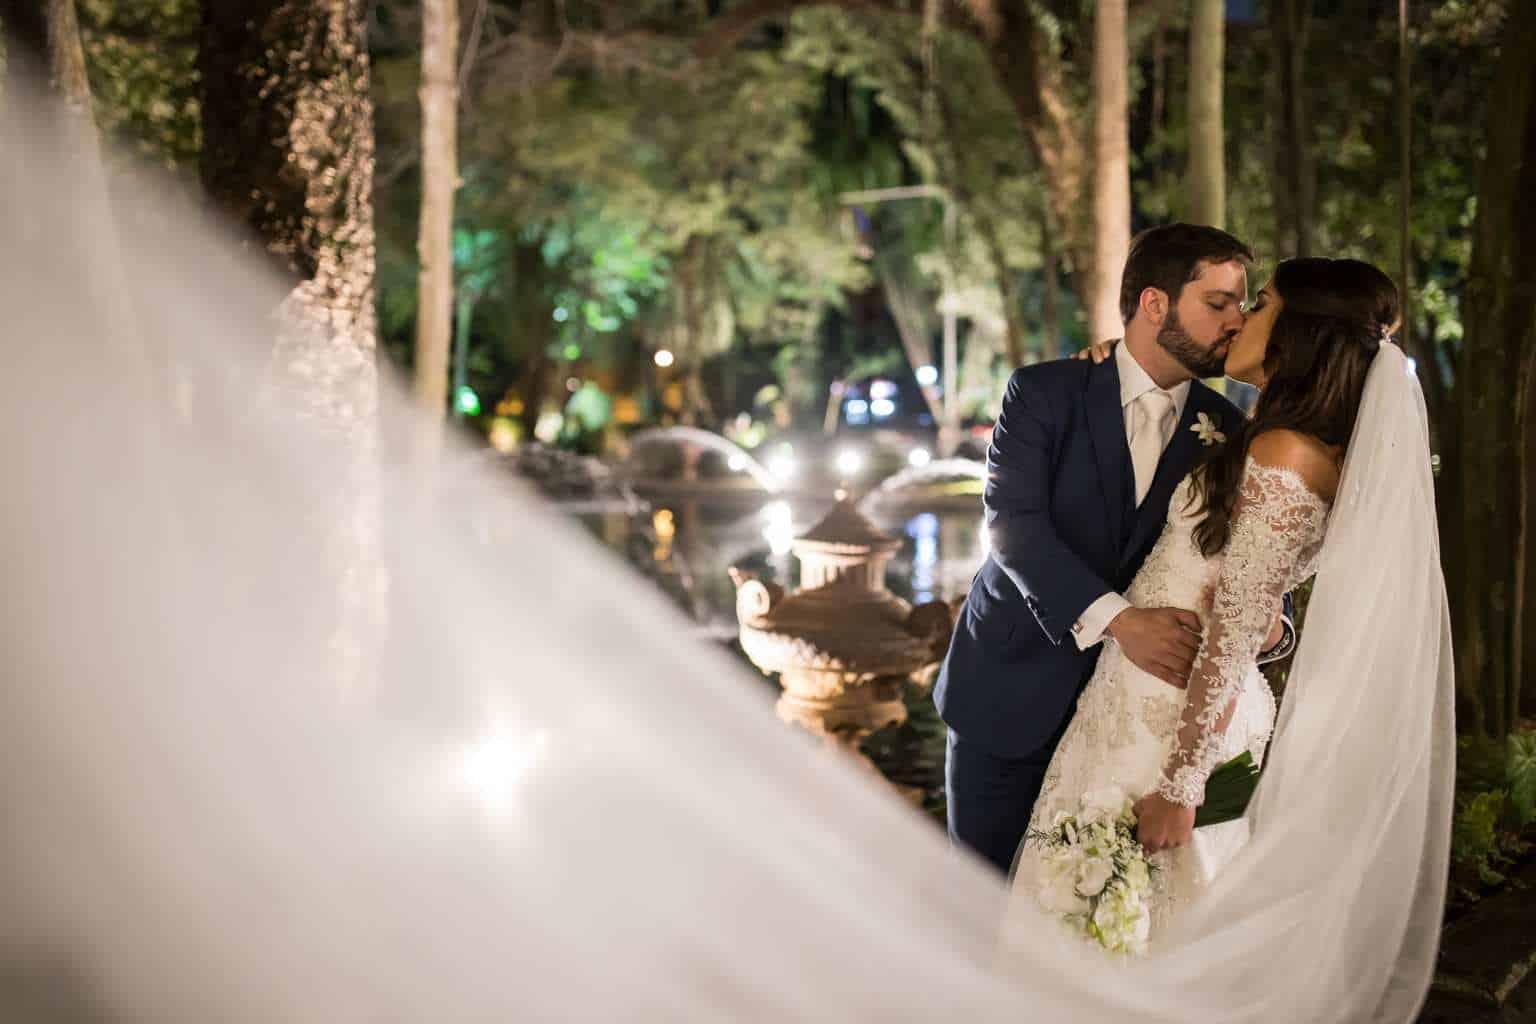 casamento-fernanda-e-leandro-casamento-sp-Fotografia-Produtora-7-casamento-clássico-casamento-tradicional-wedding-26